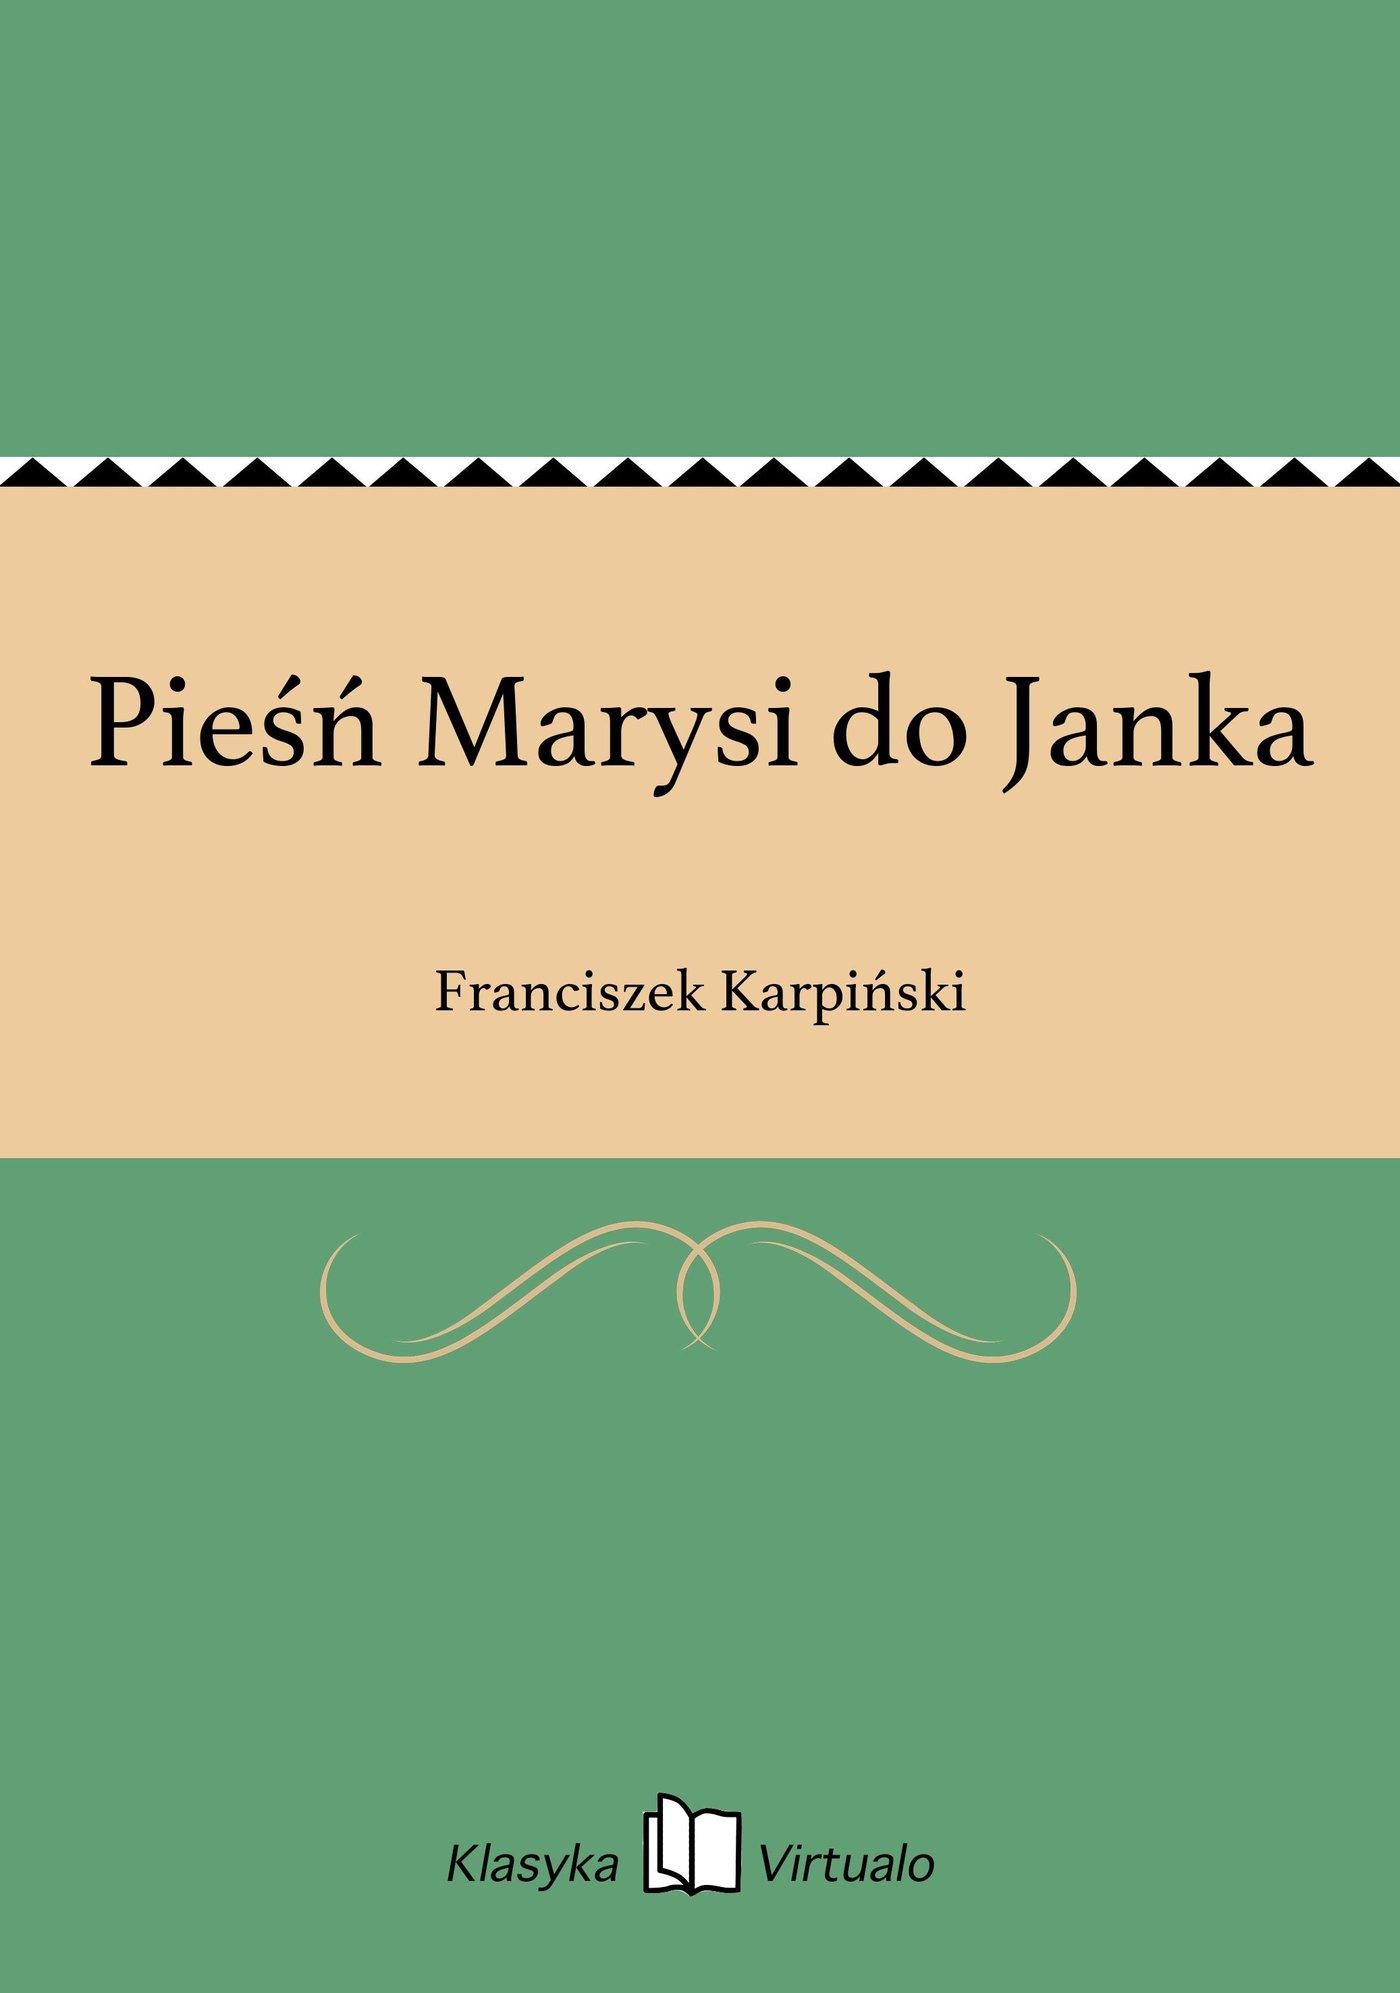 Pieśń Marysi do Janka - Ebook (Książka na Kindle) do pobrania w formacie MOBI